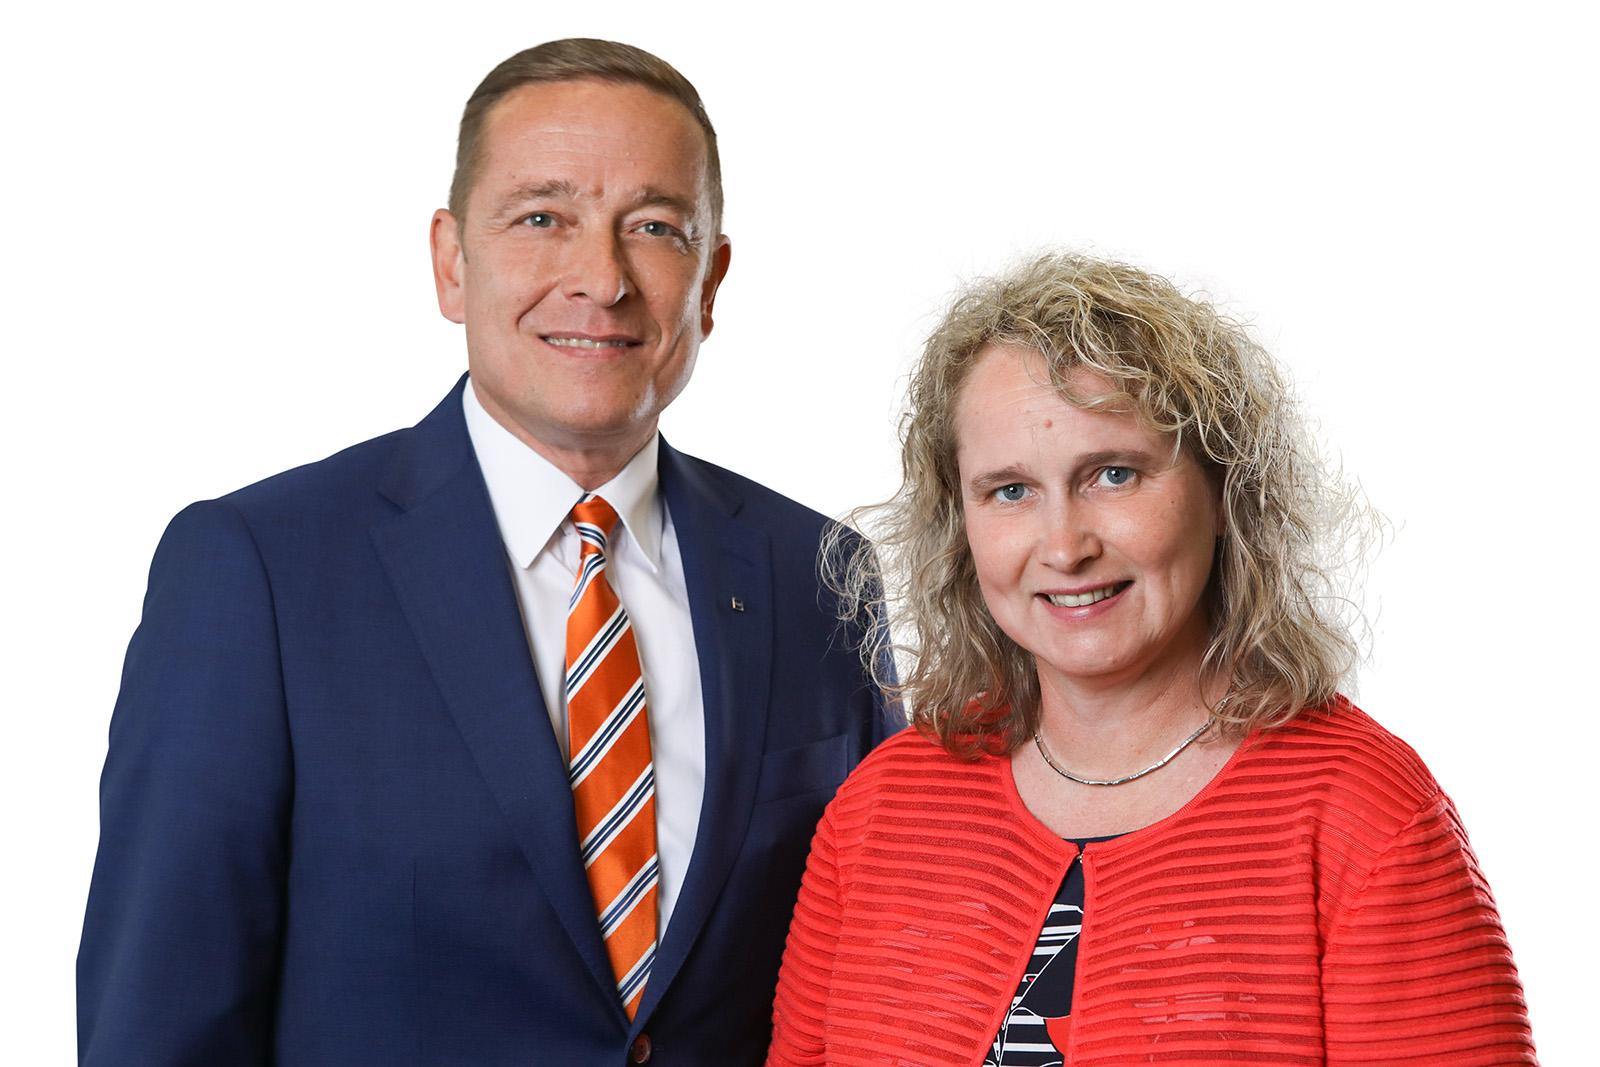 Stephan und Katrin Grupe, Einzelhandelsspezialisten